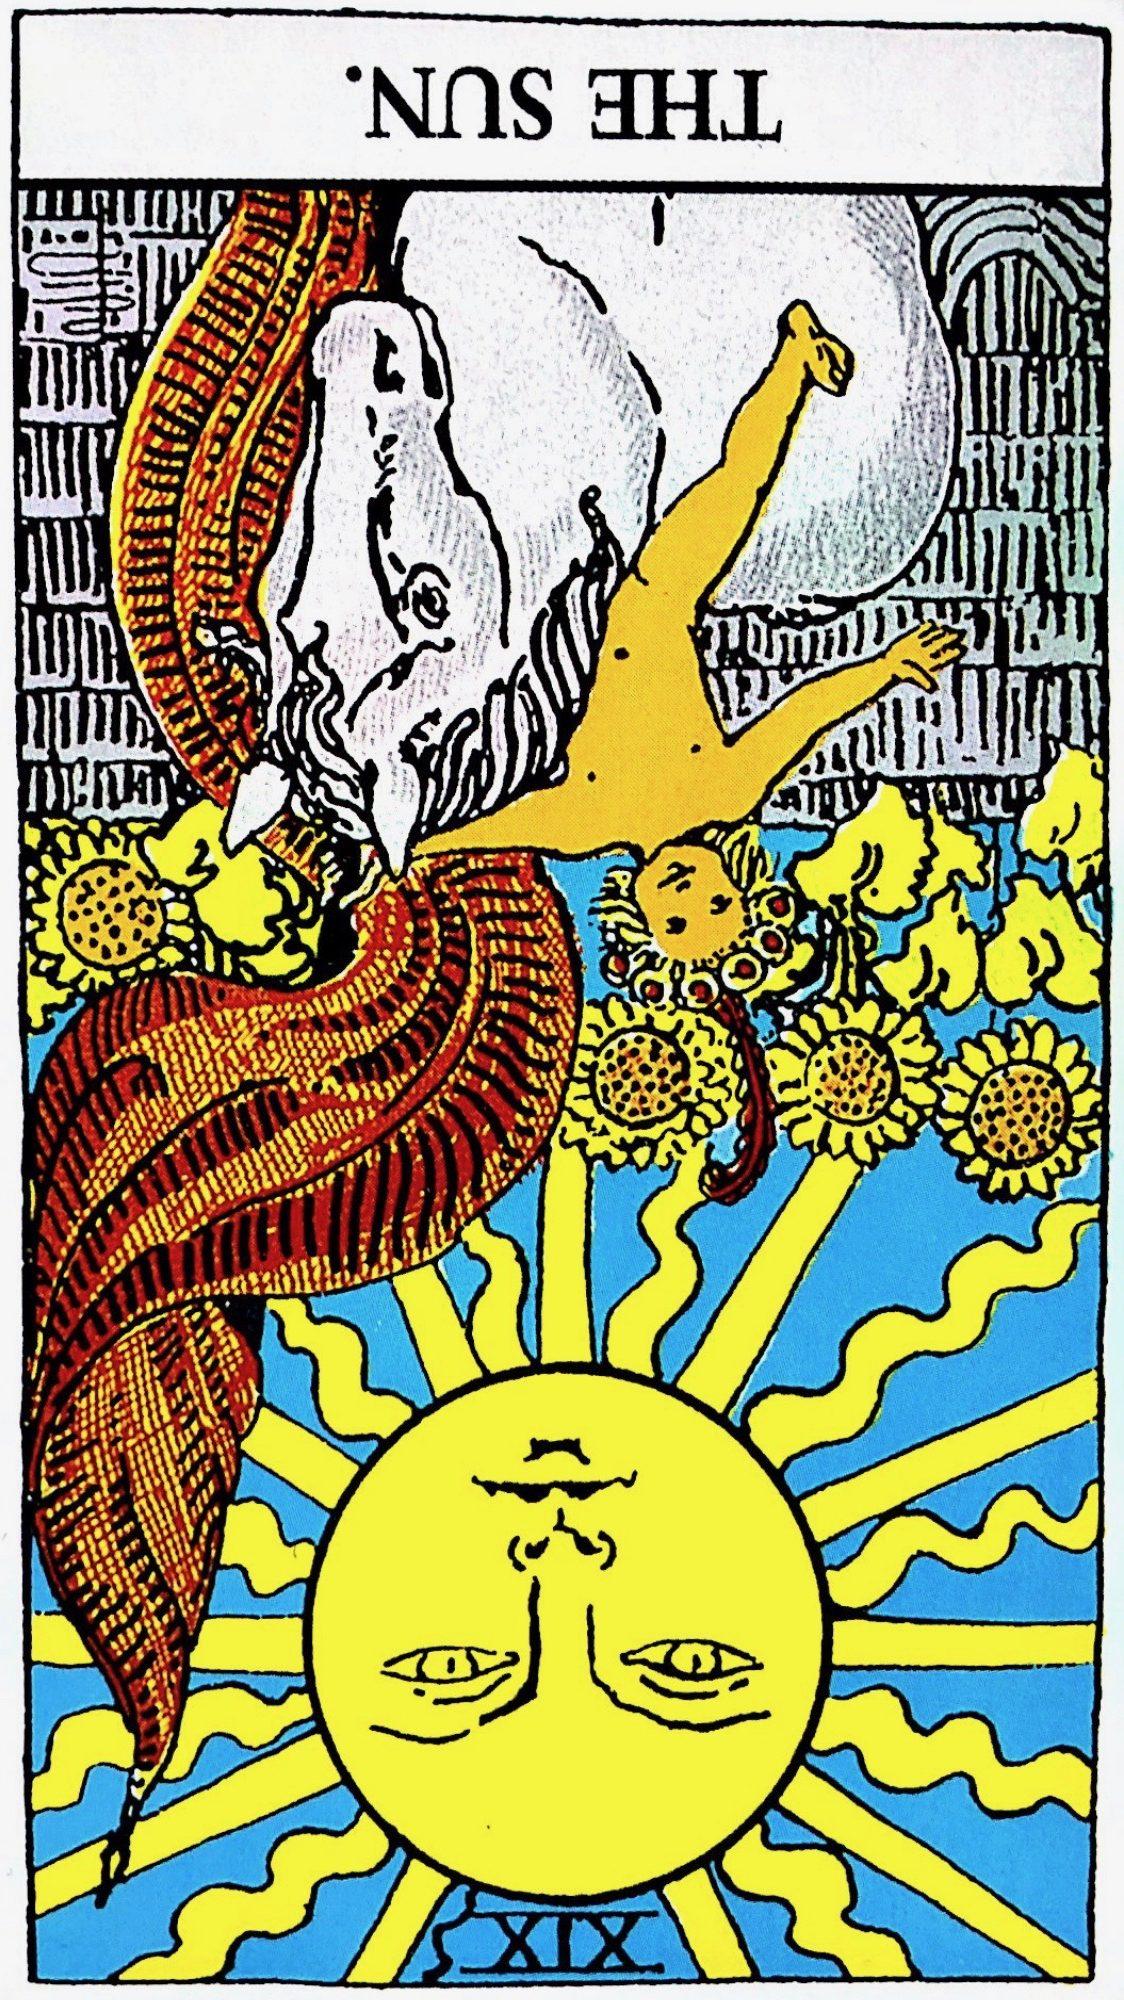 タロット占い「太陽」の意味【逆位置】